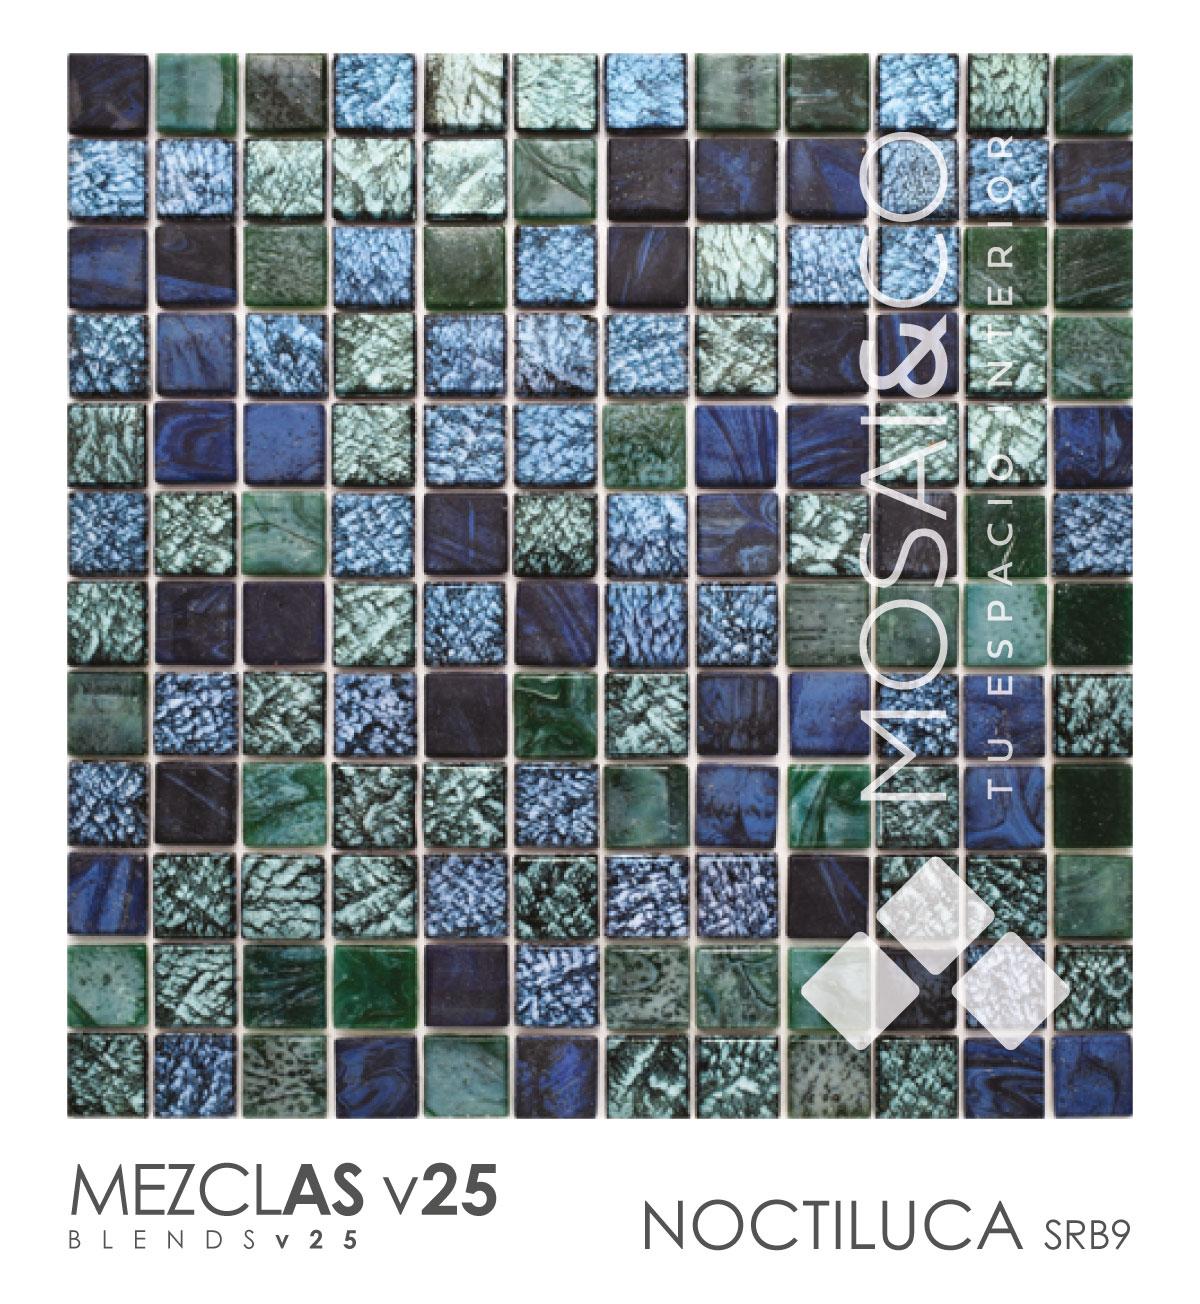 Mezclas-v25-MosaiCo-NOCTILUCA-SRB9